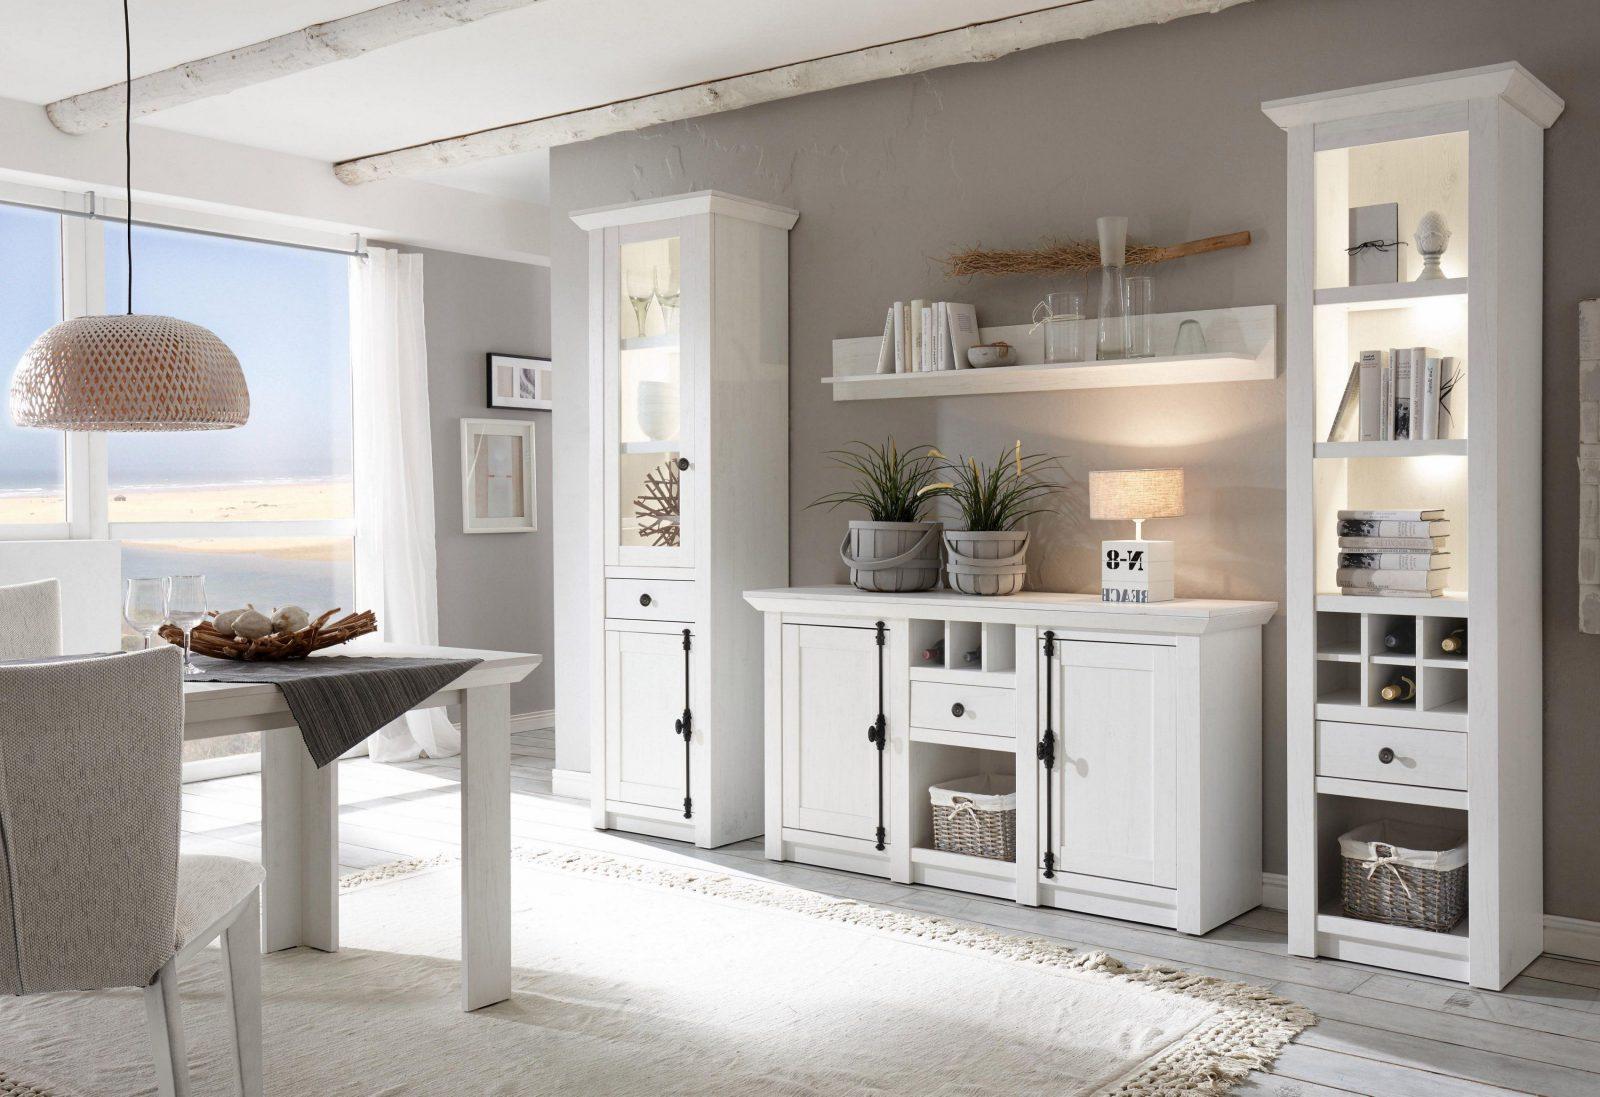 Auf Raten Bestellen Excellent Cheap Wohnwand Auf Raten Home Affaire von Wohnwand Auf Raten Kaufen Bild